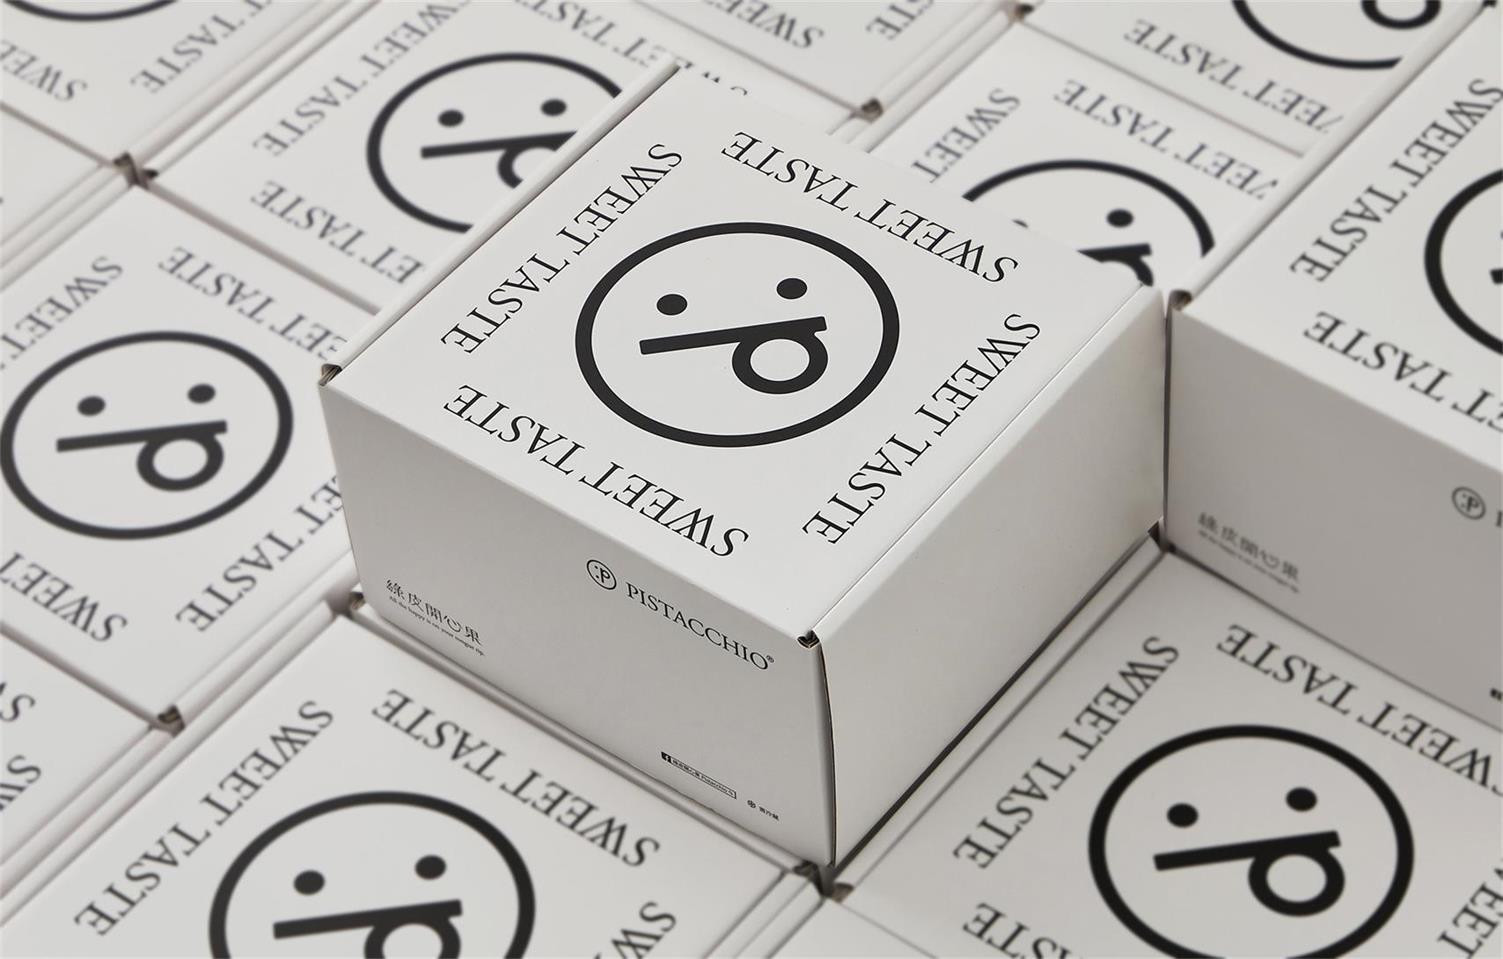 VI设计, SI设计, 甜品店设计, 甜品店VI设计, 甜品店logo设计,甜品店包装设计